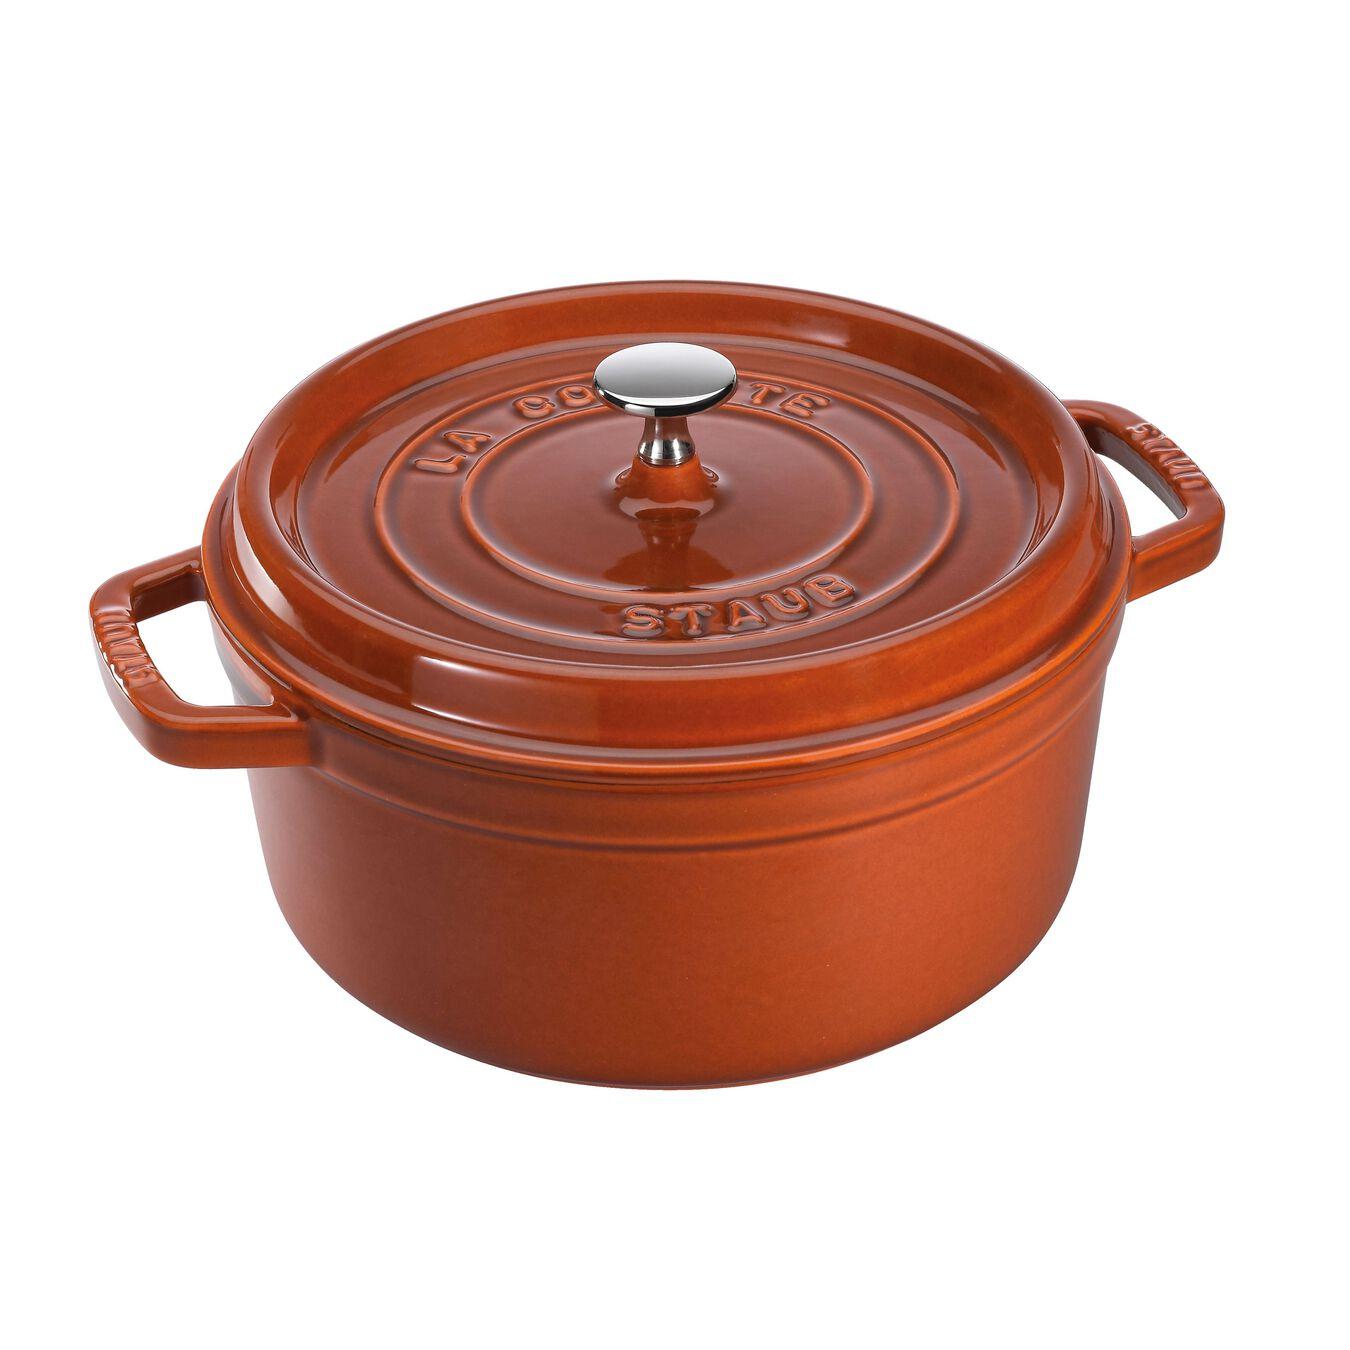 6.75 l Cast iron round Cocotte, Cinnamon,,large 1